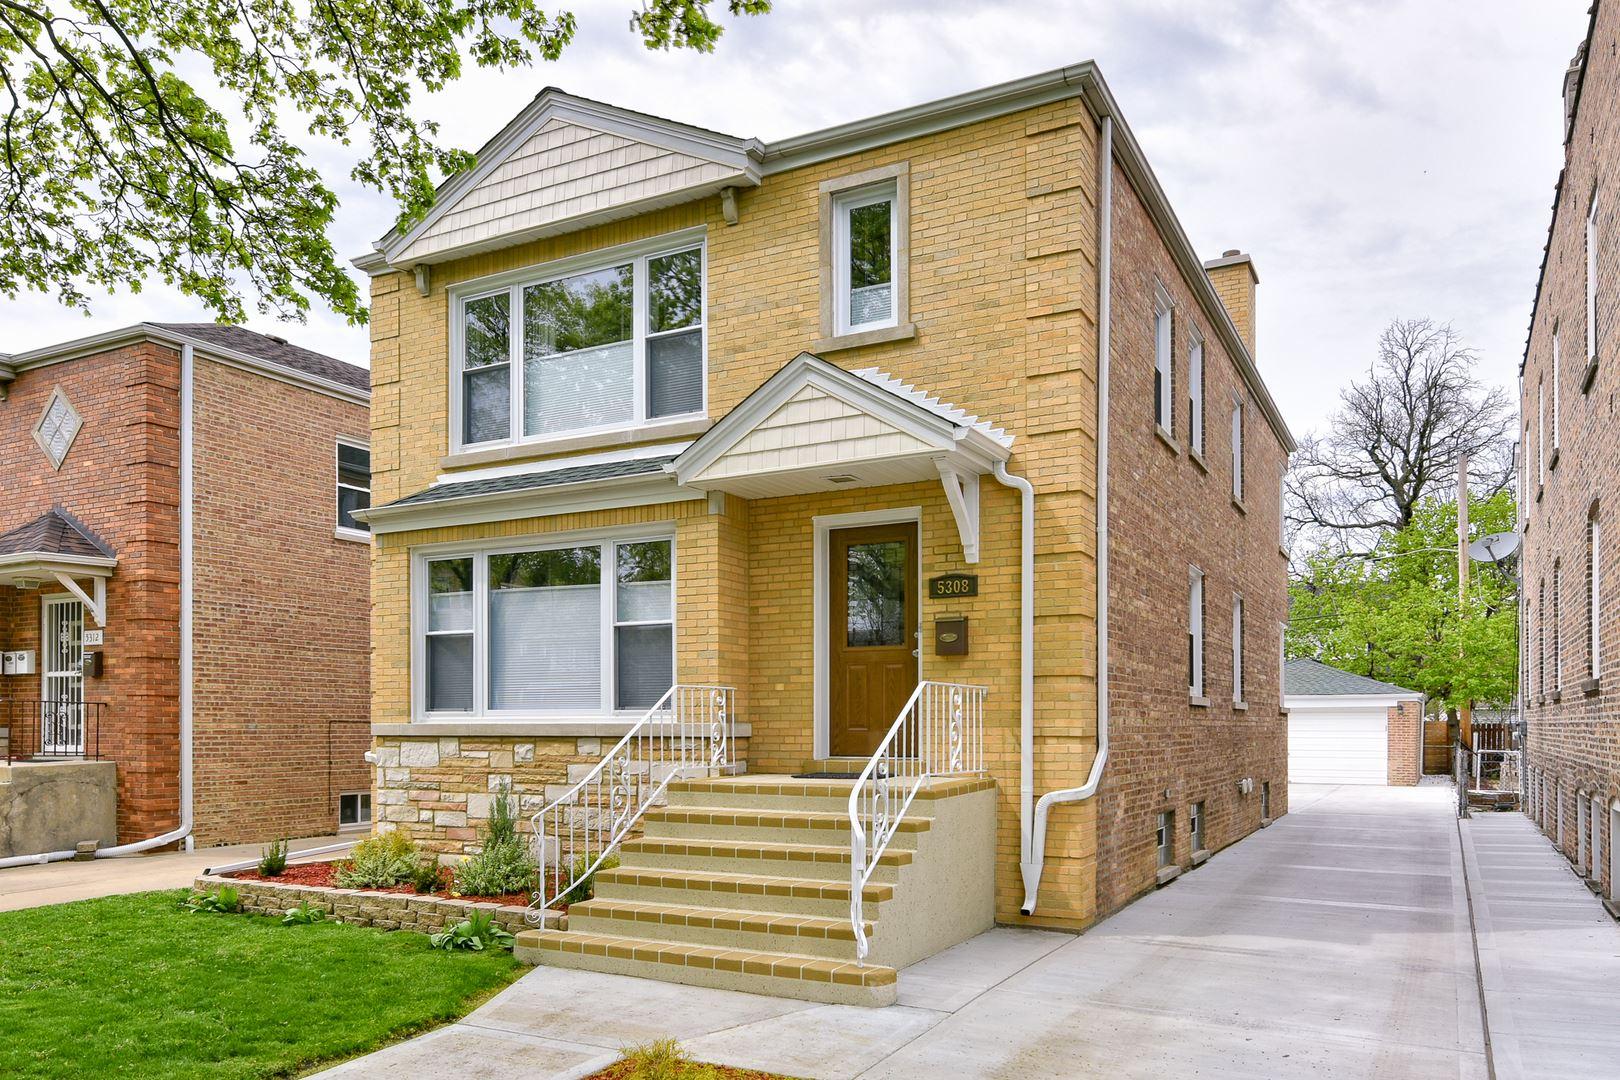 5308 W Sunnyside Avenue, Chicago, IL 60630 - #: 10707495